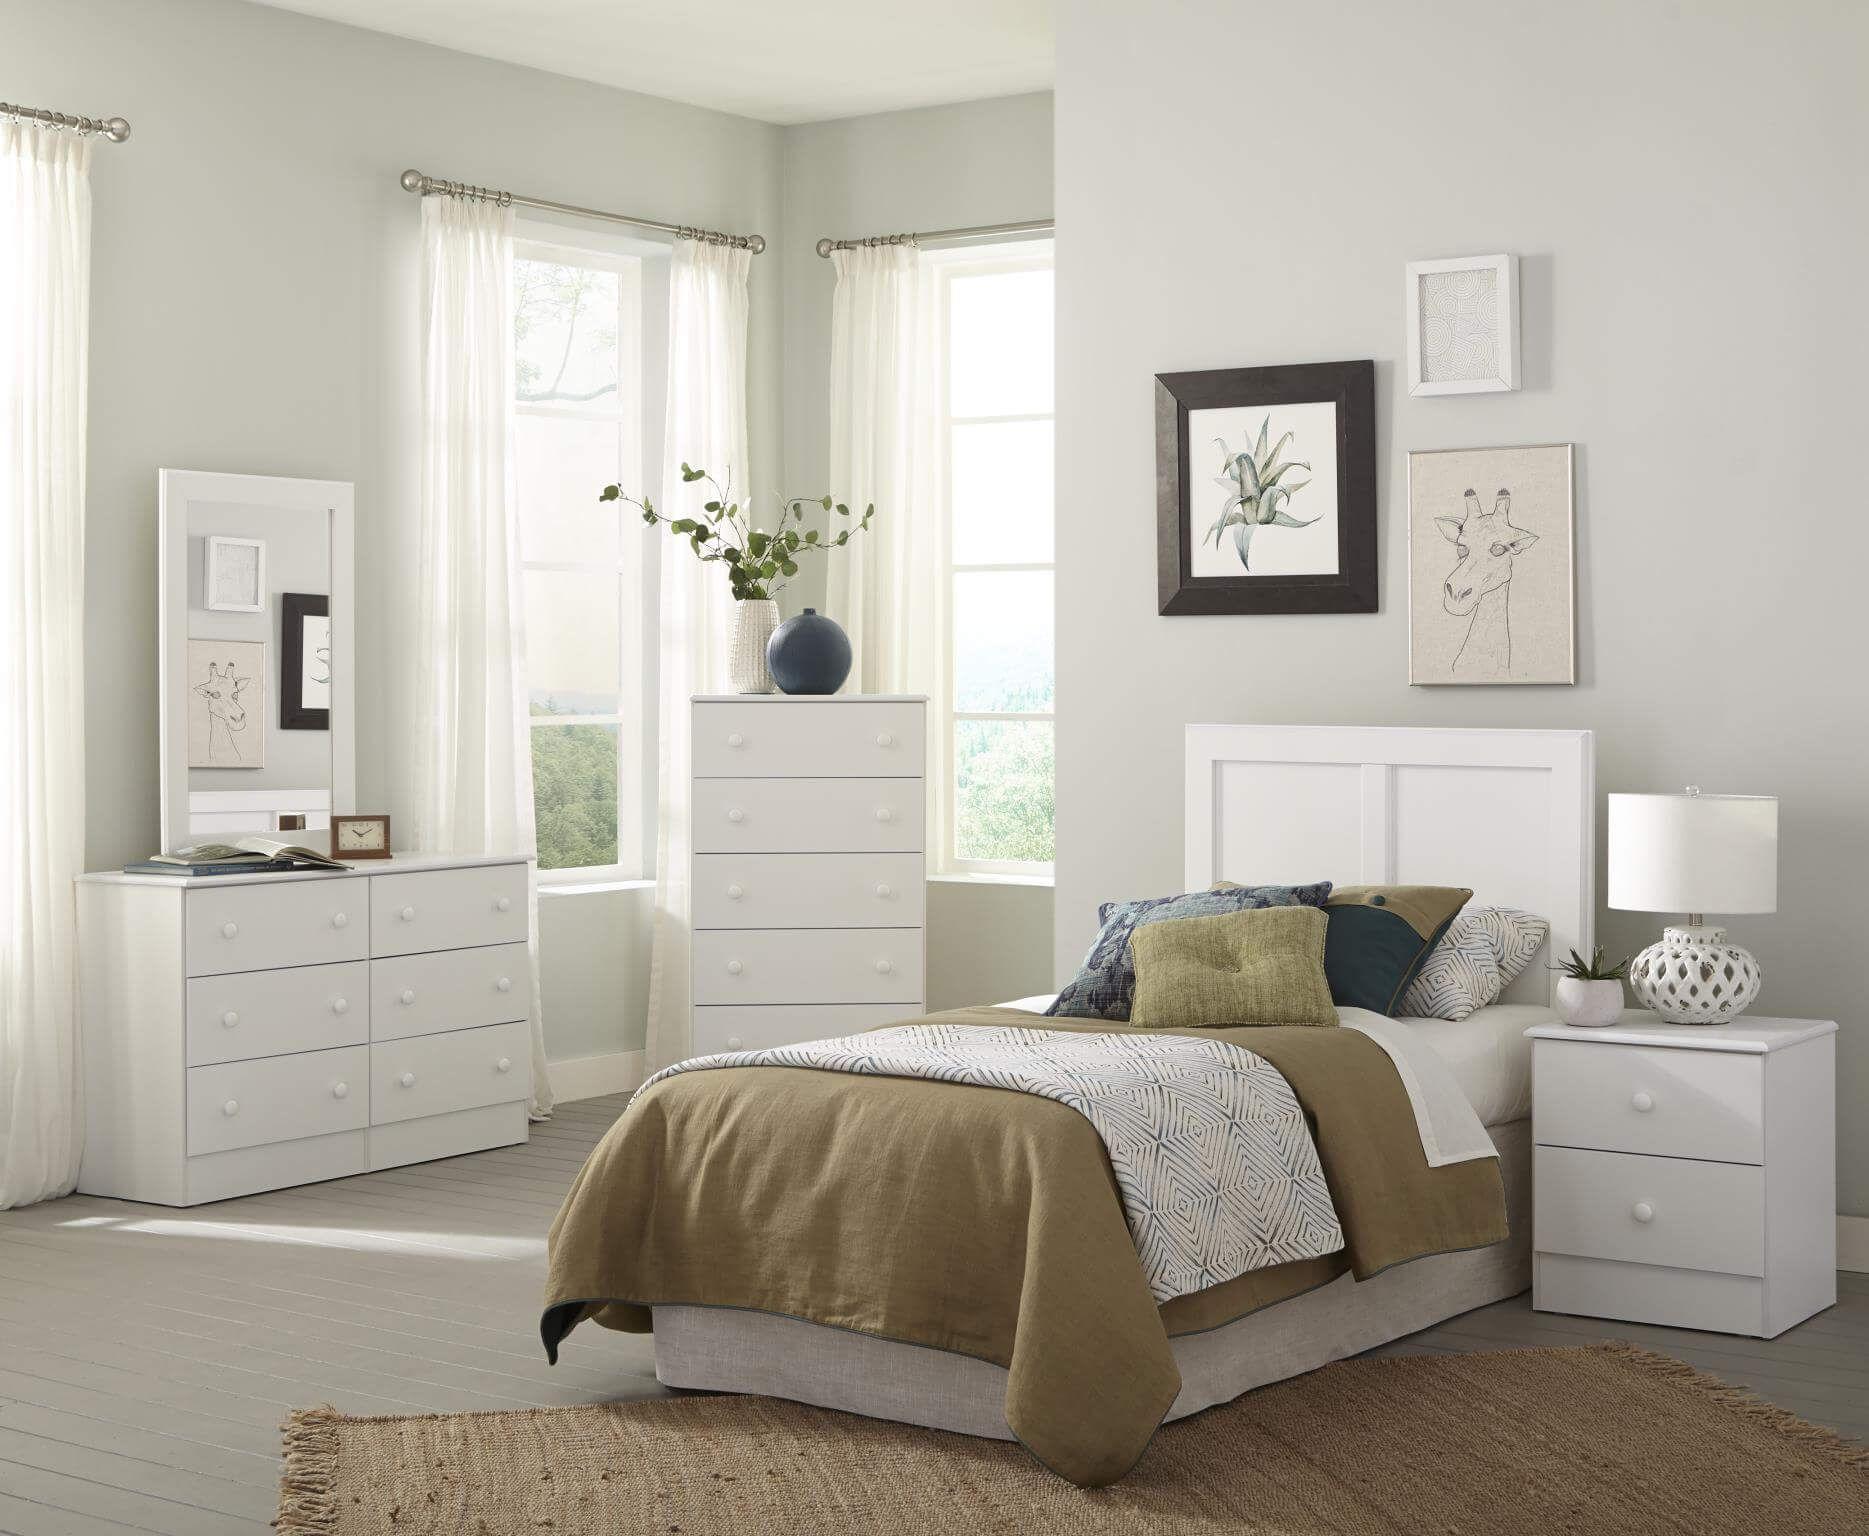 193 Kith White Bedroom Set